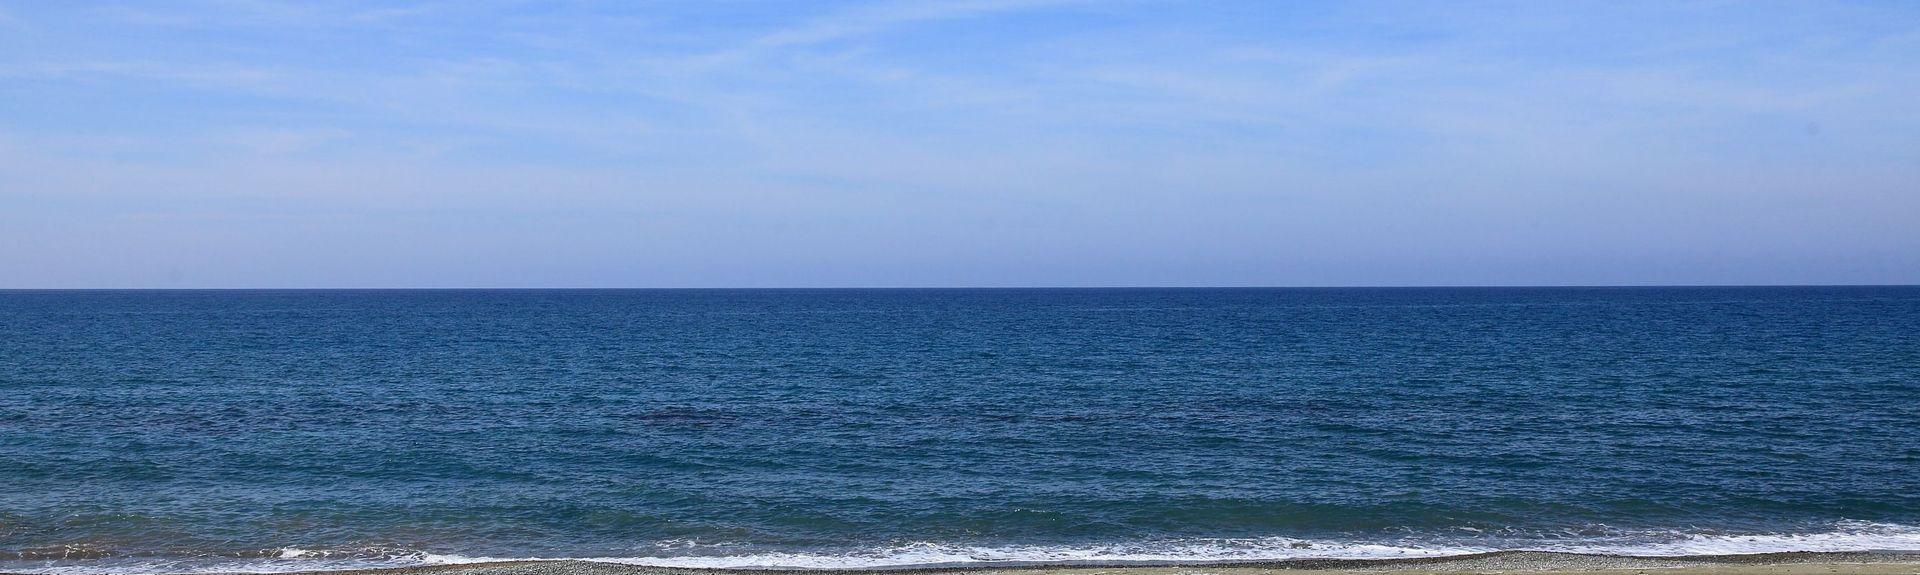 Pomos, Dystrykt Pafos, Cypr